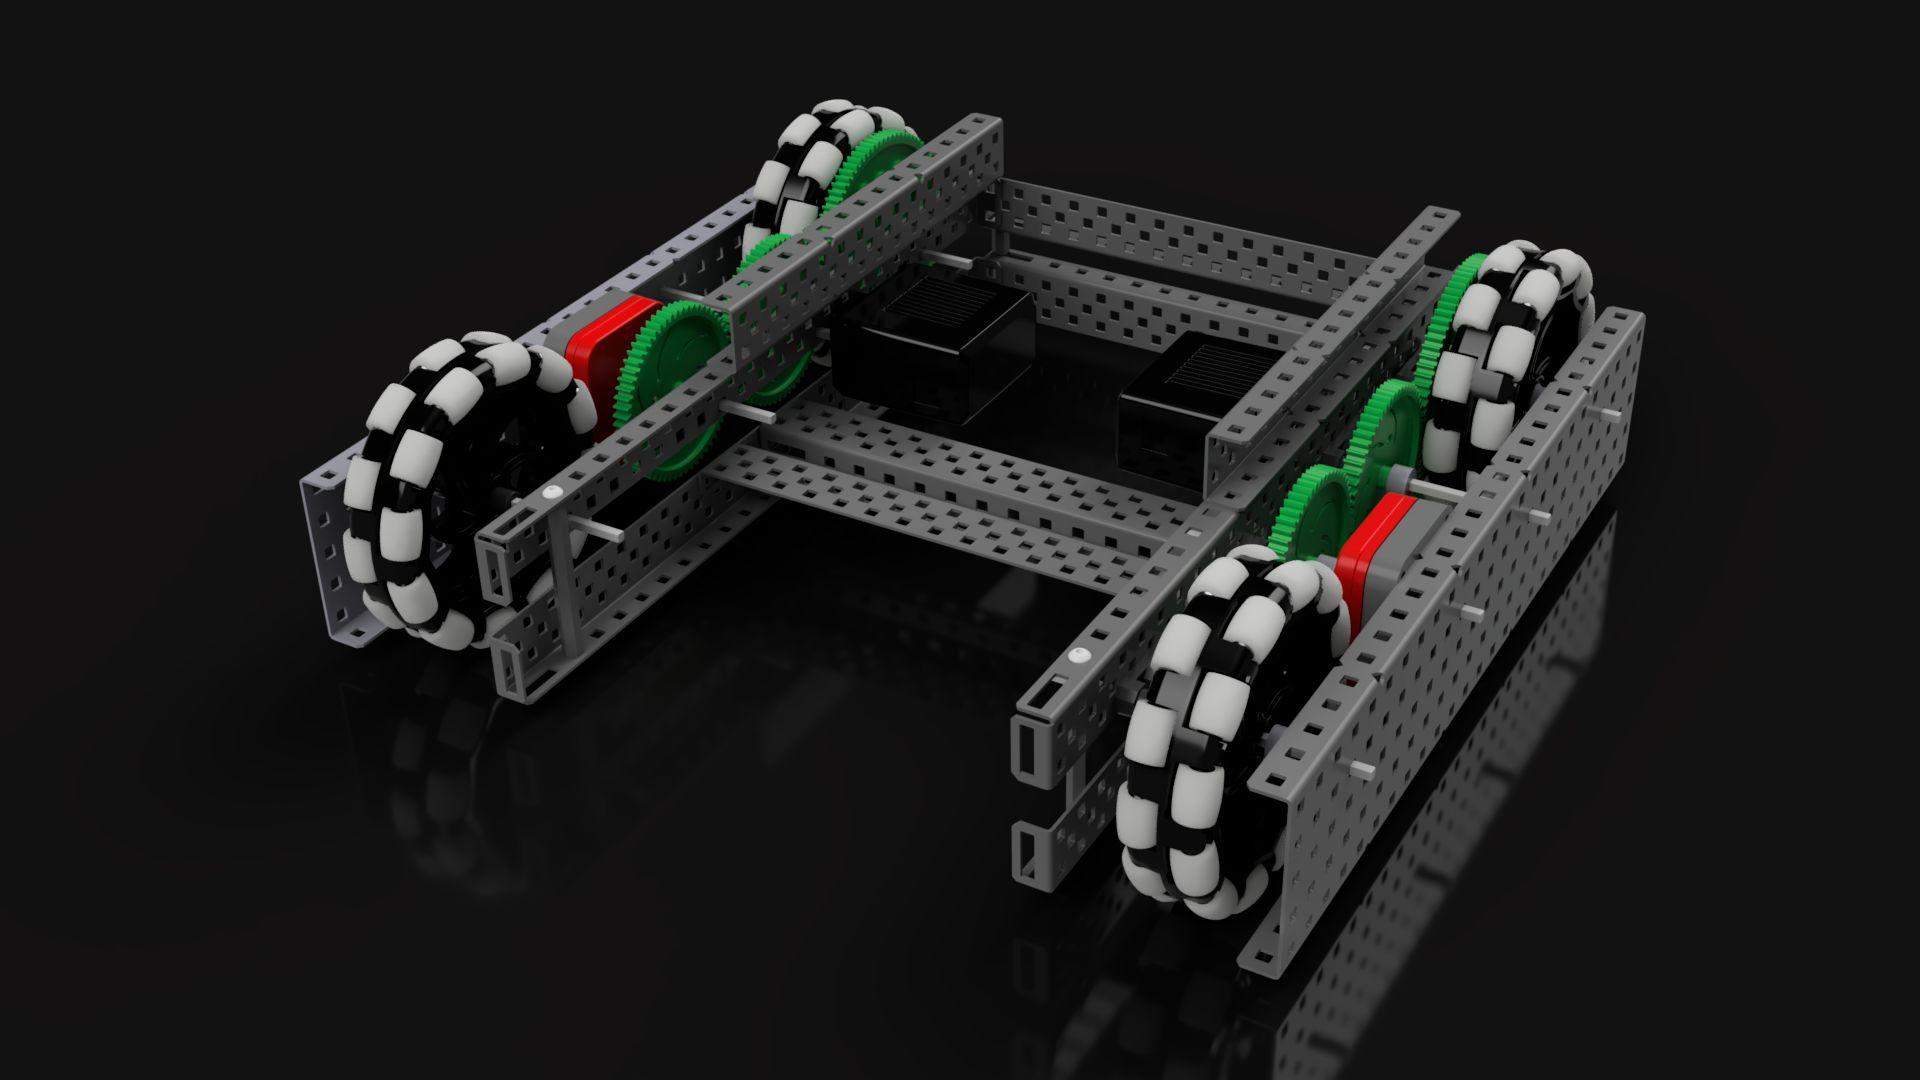 Robotic-traction---vex-robotics-v5-design-2019-jun-09-10-56-51pm-000-customizedview23490501829-png-3500-3500